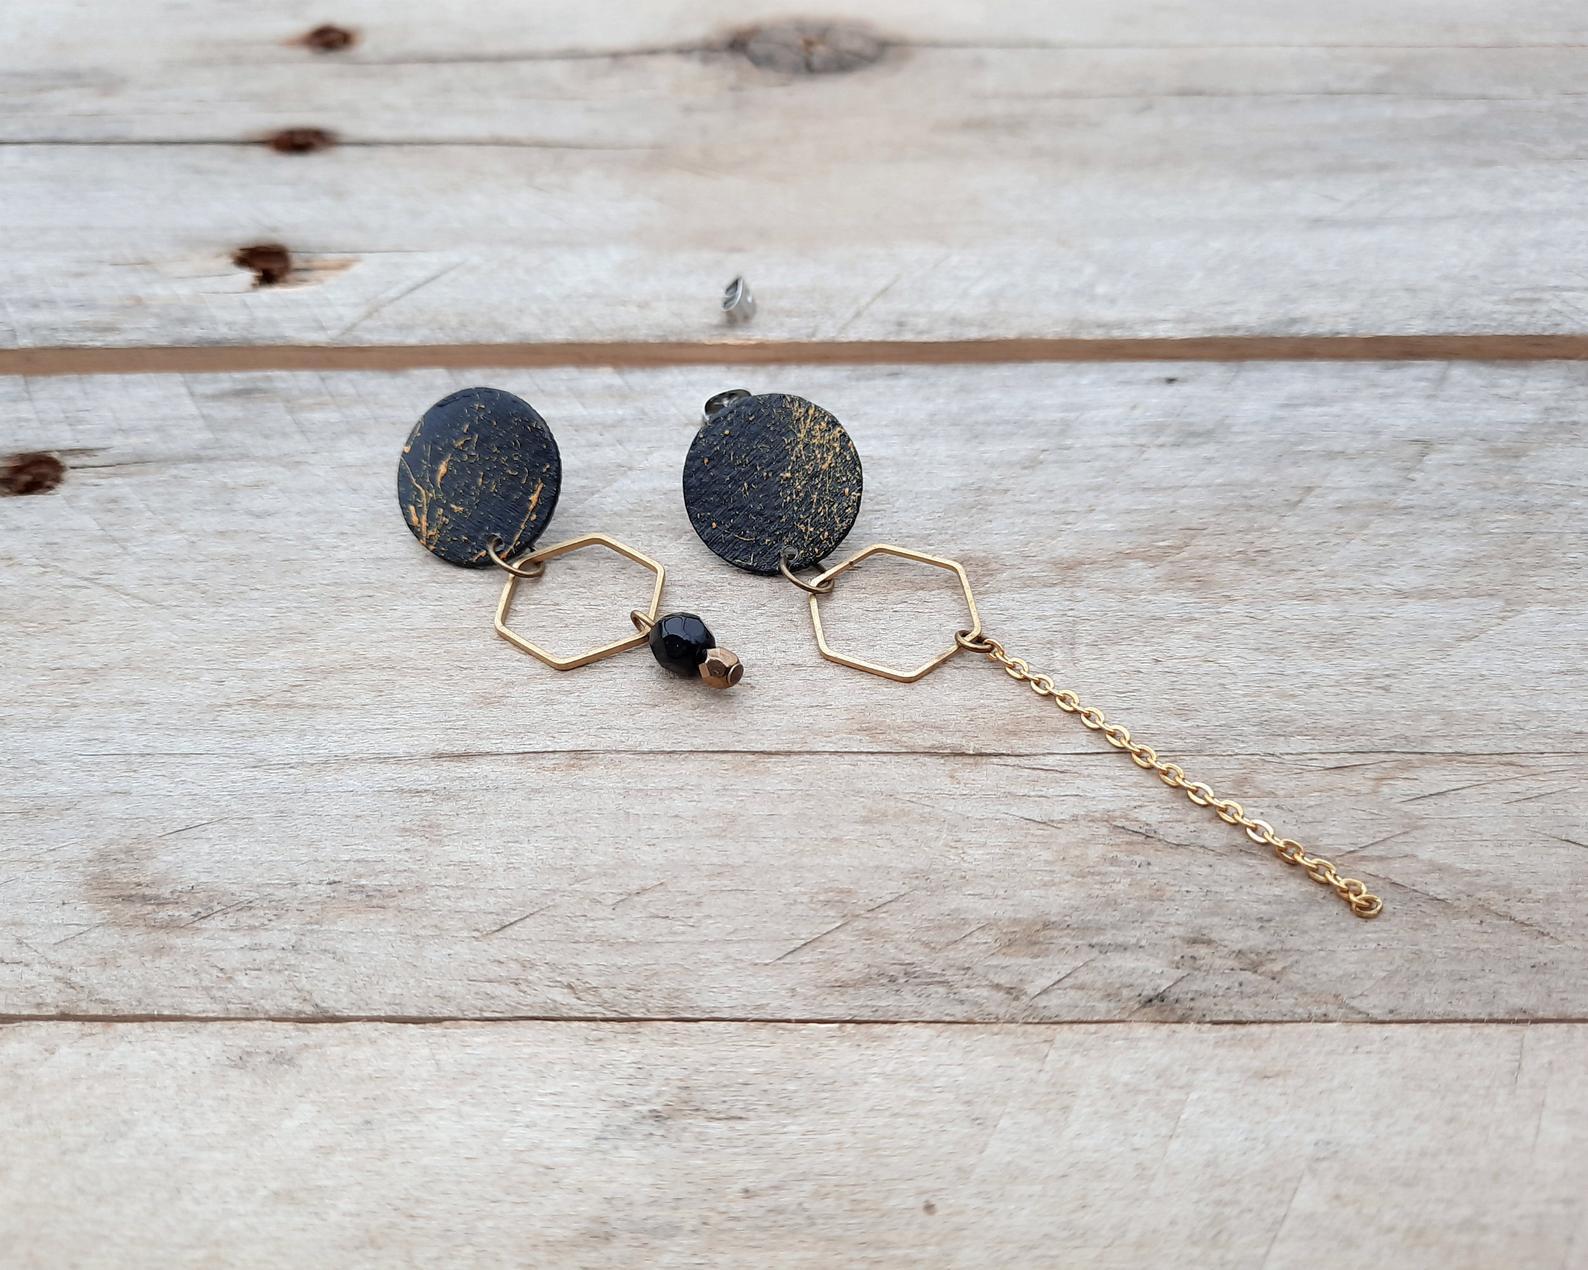 Boucles d'oreilles asymétriques en bois recyclé, peintes or et noir, 30$